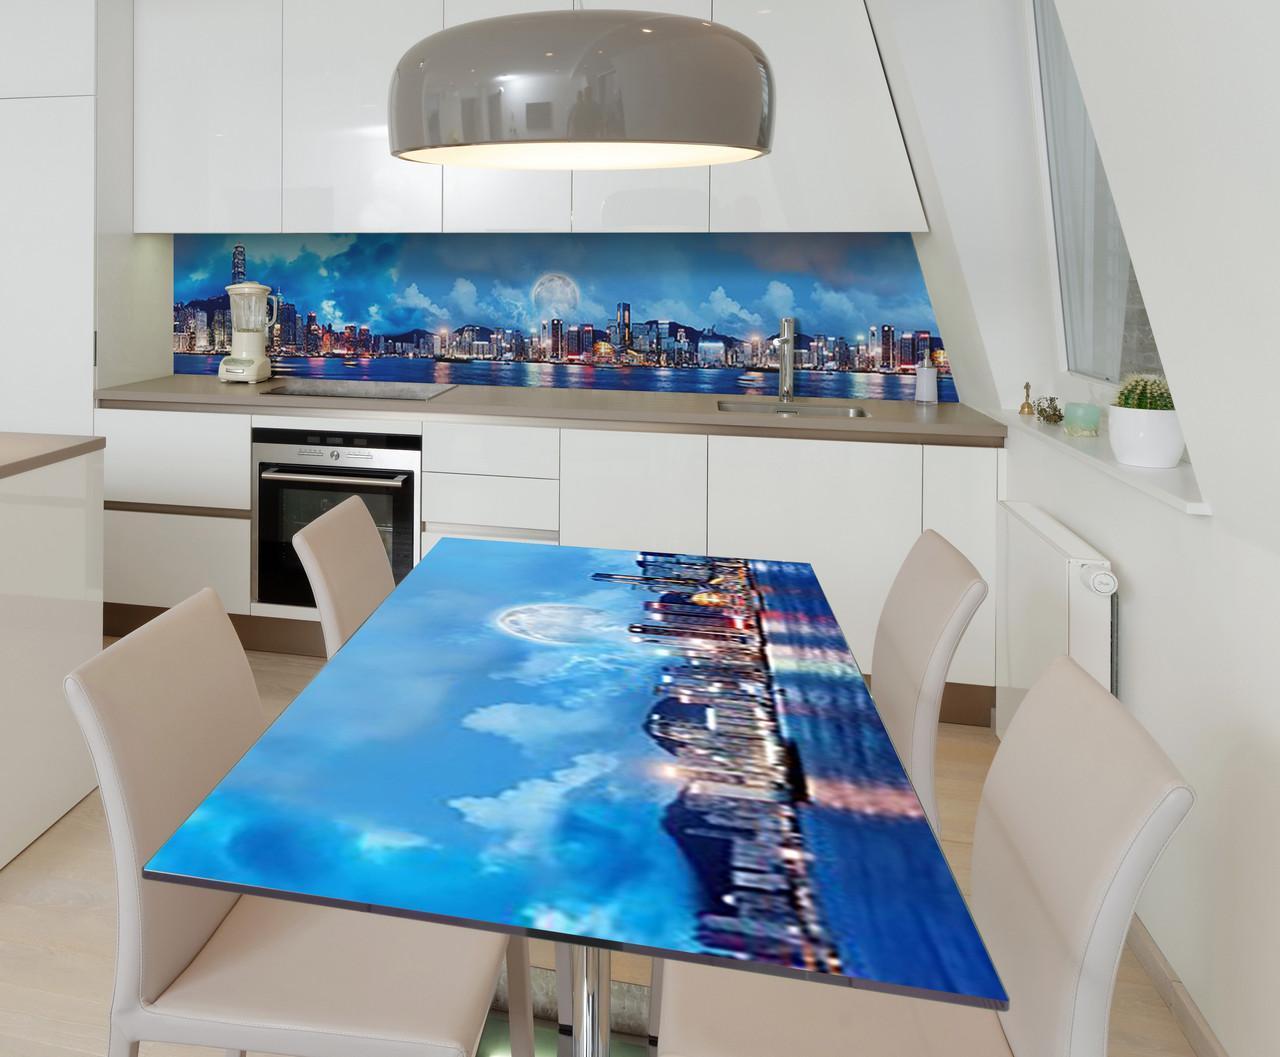 Наклейка 3Д виниловая на стол Zatarga «Тайные ночи» 600х1200 мм для домов, квартир, столов, кофейн, кафе